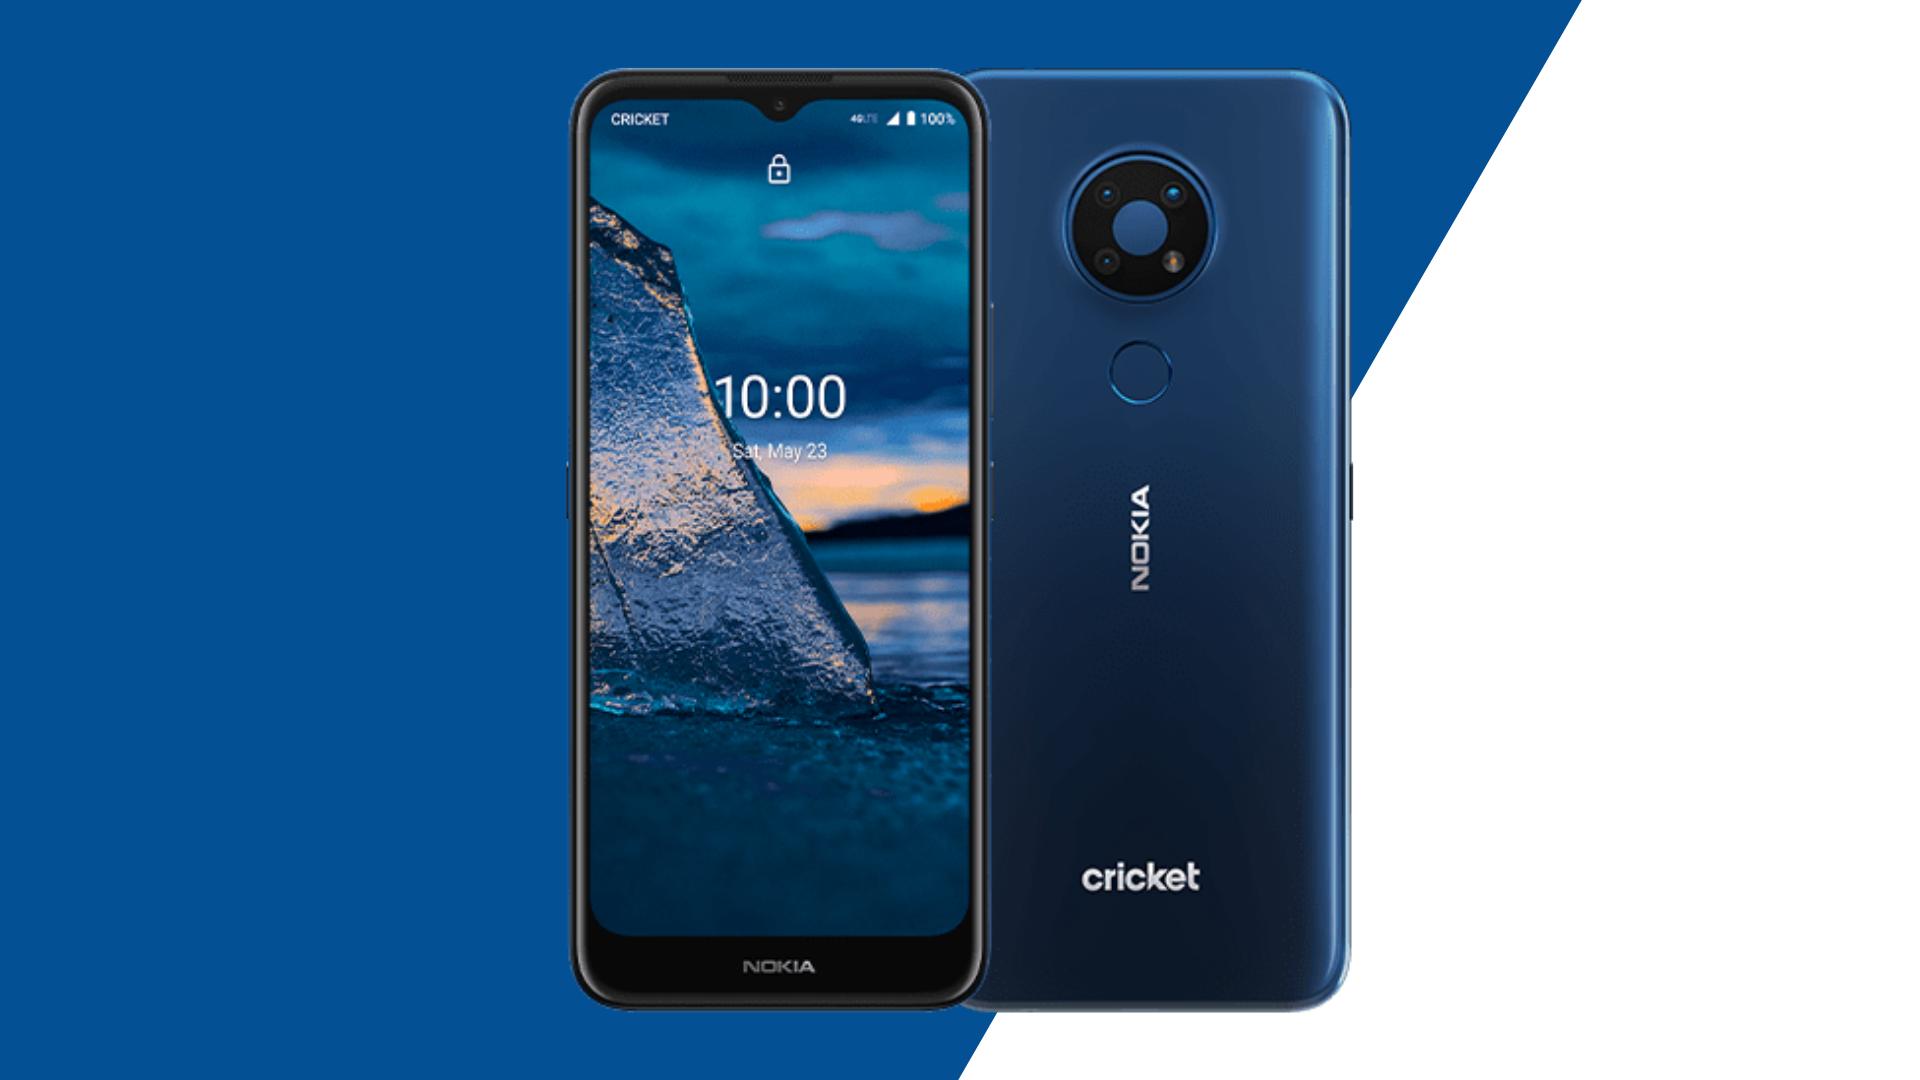 Обзор смартфона Nokia C5 Endi с основными характеристиками